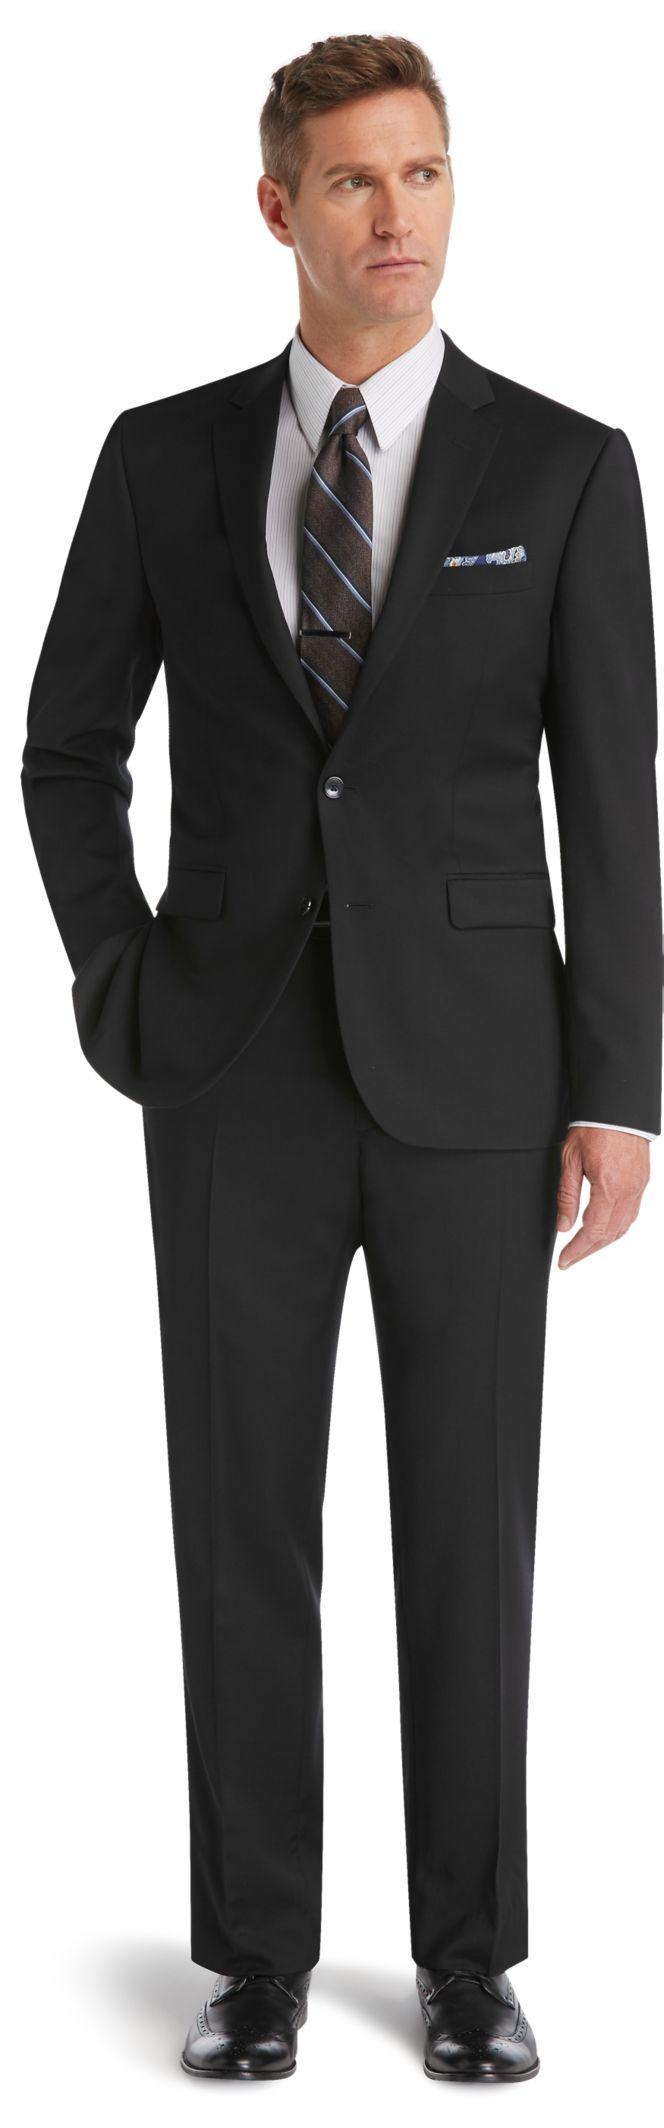 100% Wool Slim Fit Suit - Men's Suits   JoS. A. Bank